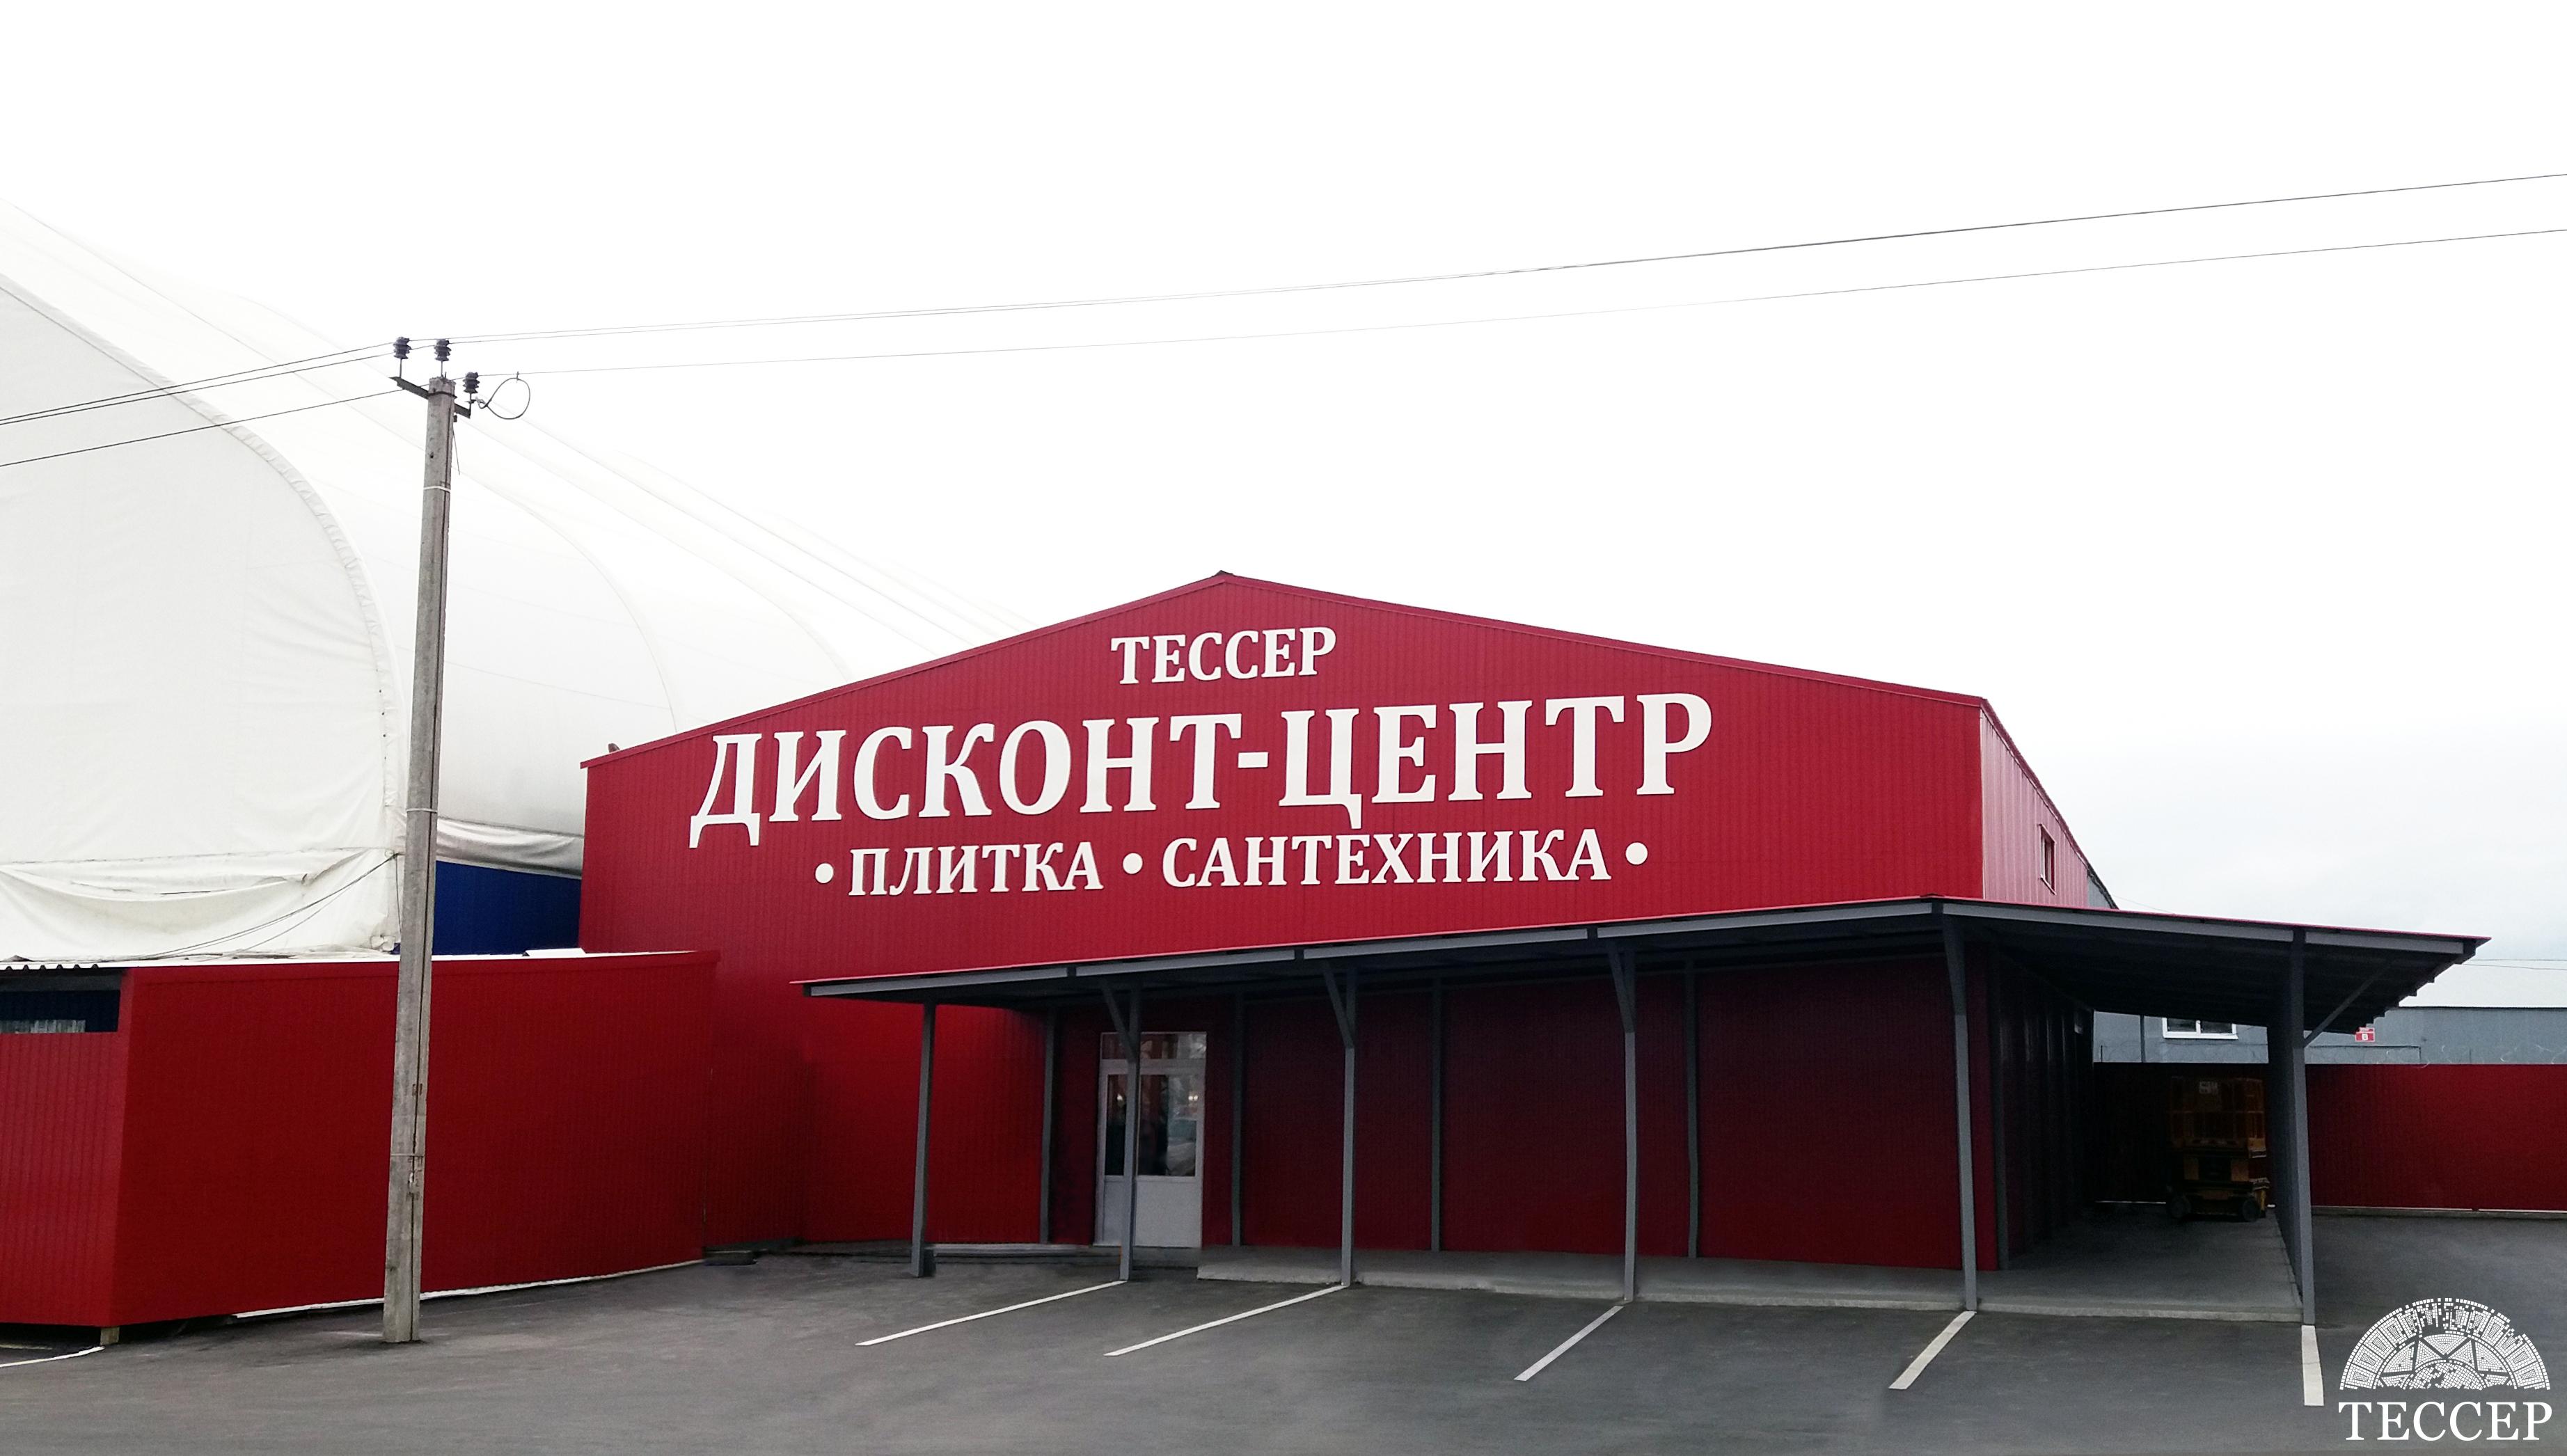 a2e1d4419bf1 Дисконт-центр компании ТЕССЕР